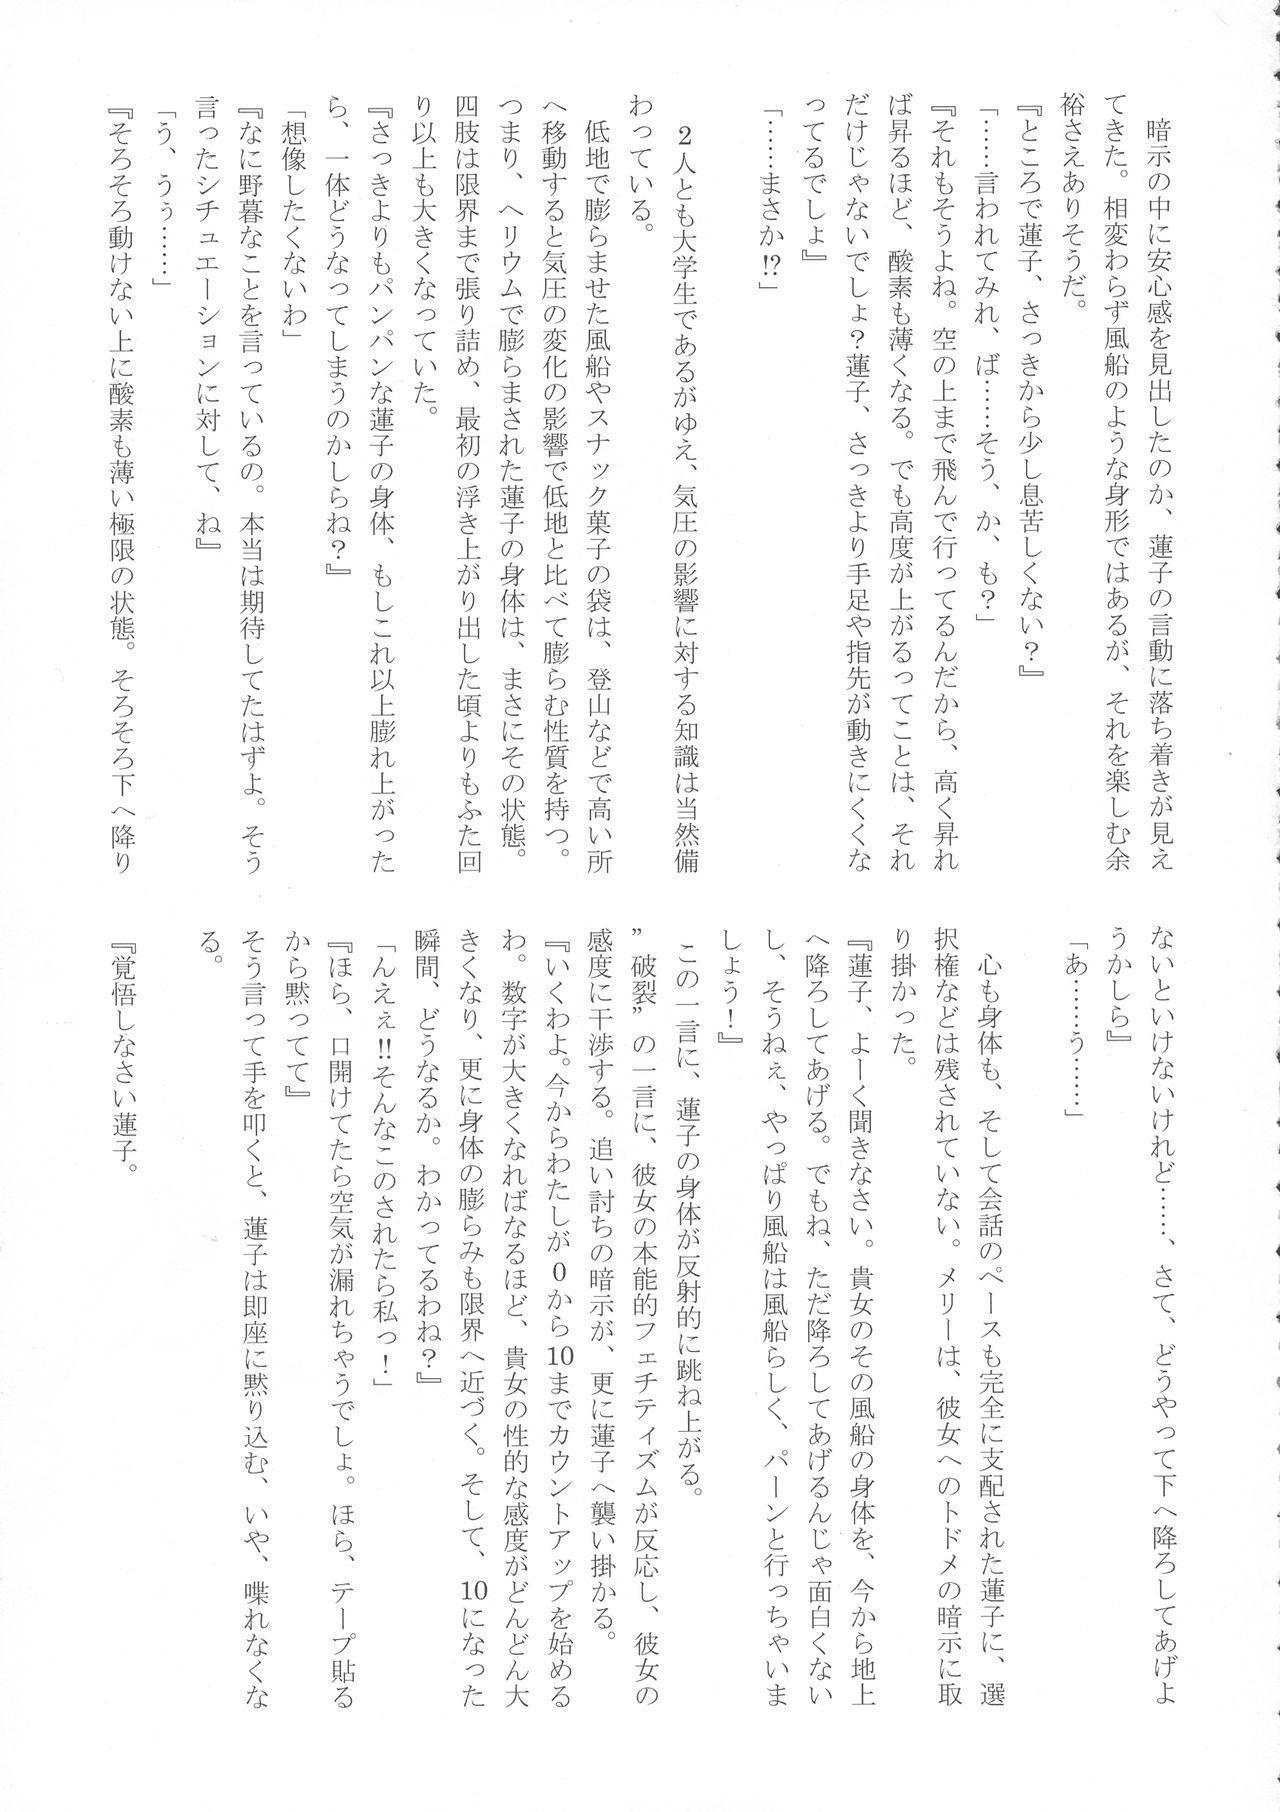 (Reitaisai 15) [HORIC WORKS (Various)] Touhou Bouchou-kei Sougou Goudou-shi `Boujo 2!!!!!!!!' (Touhou Project) 81